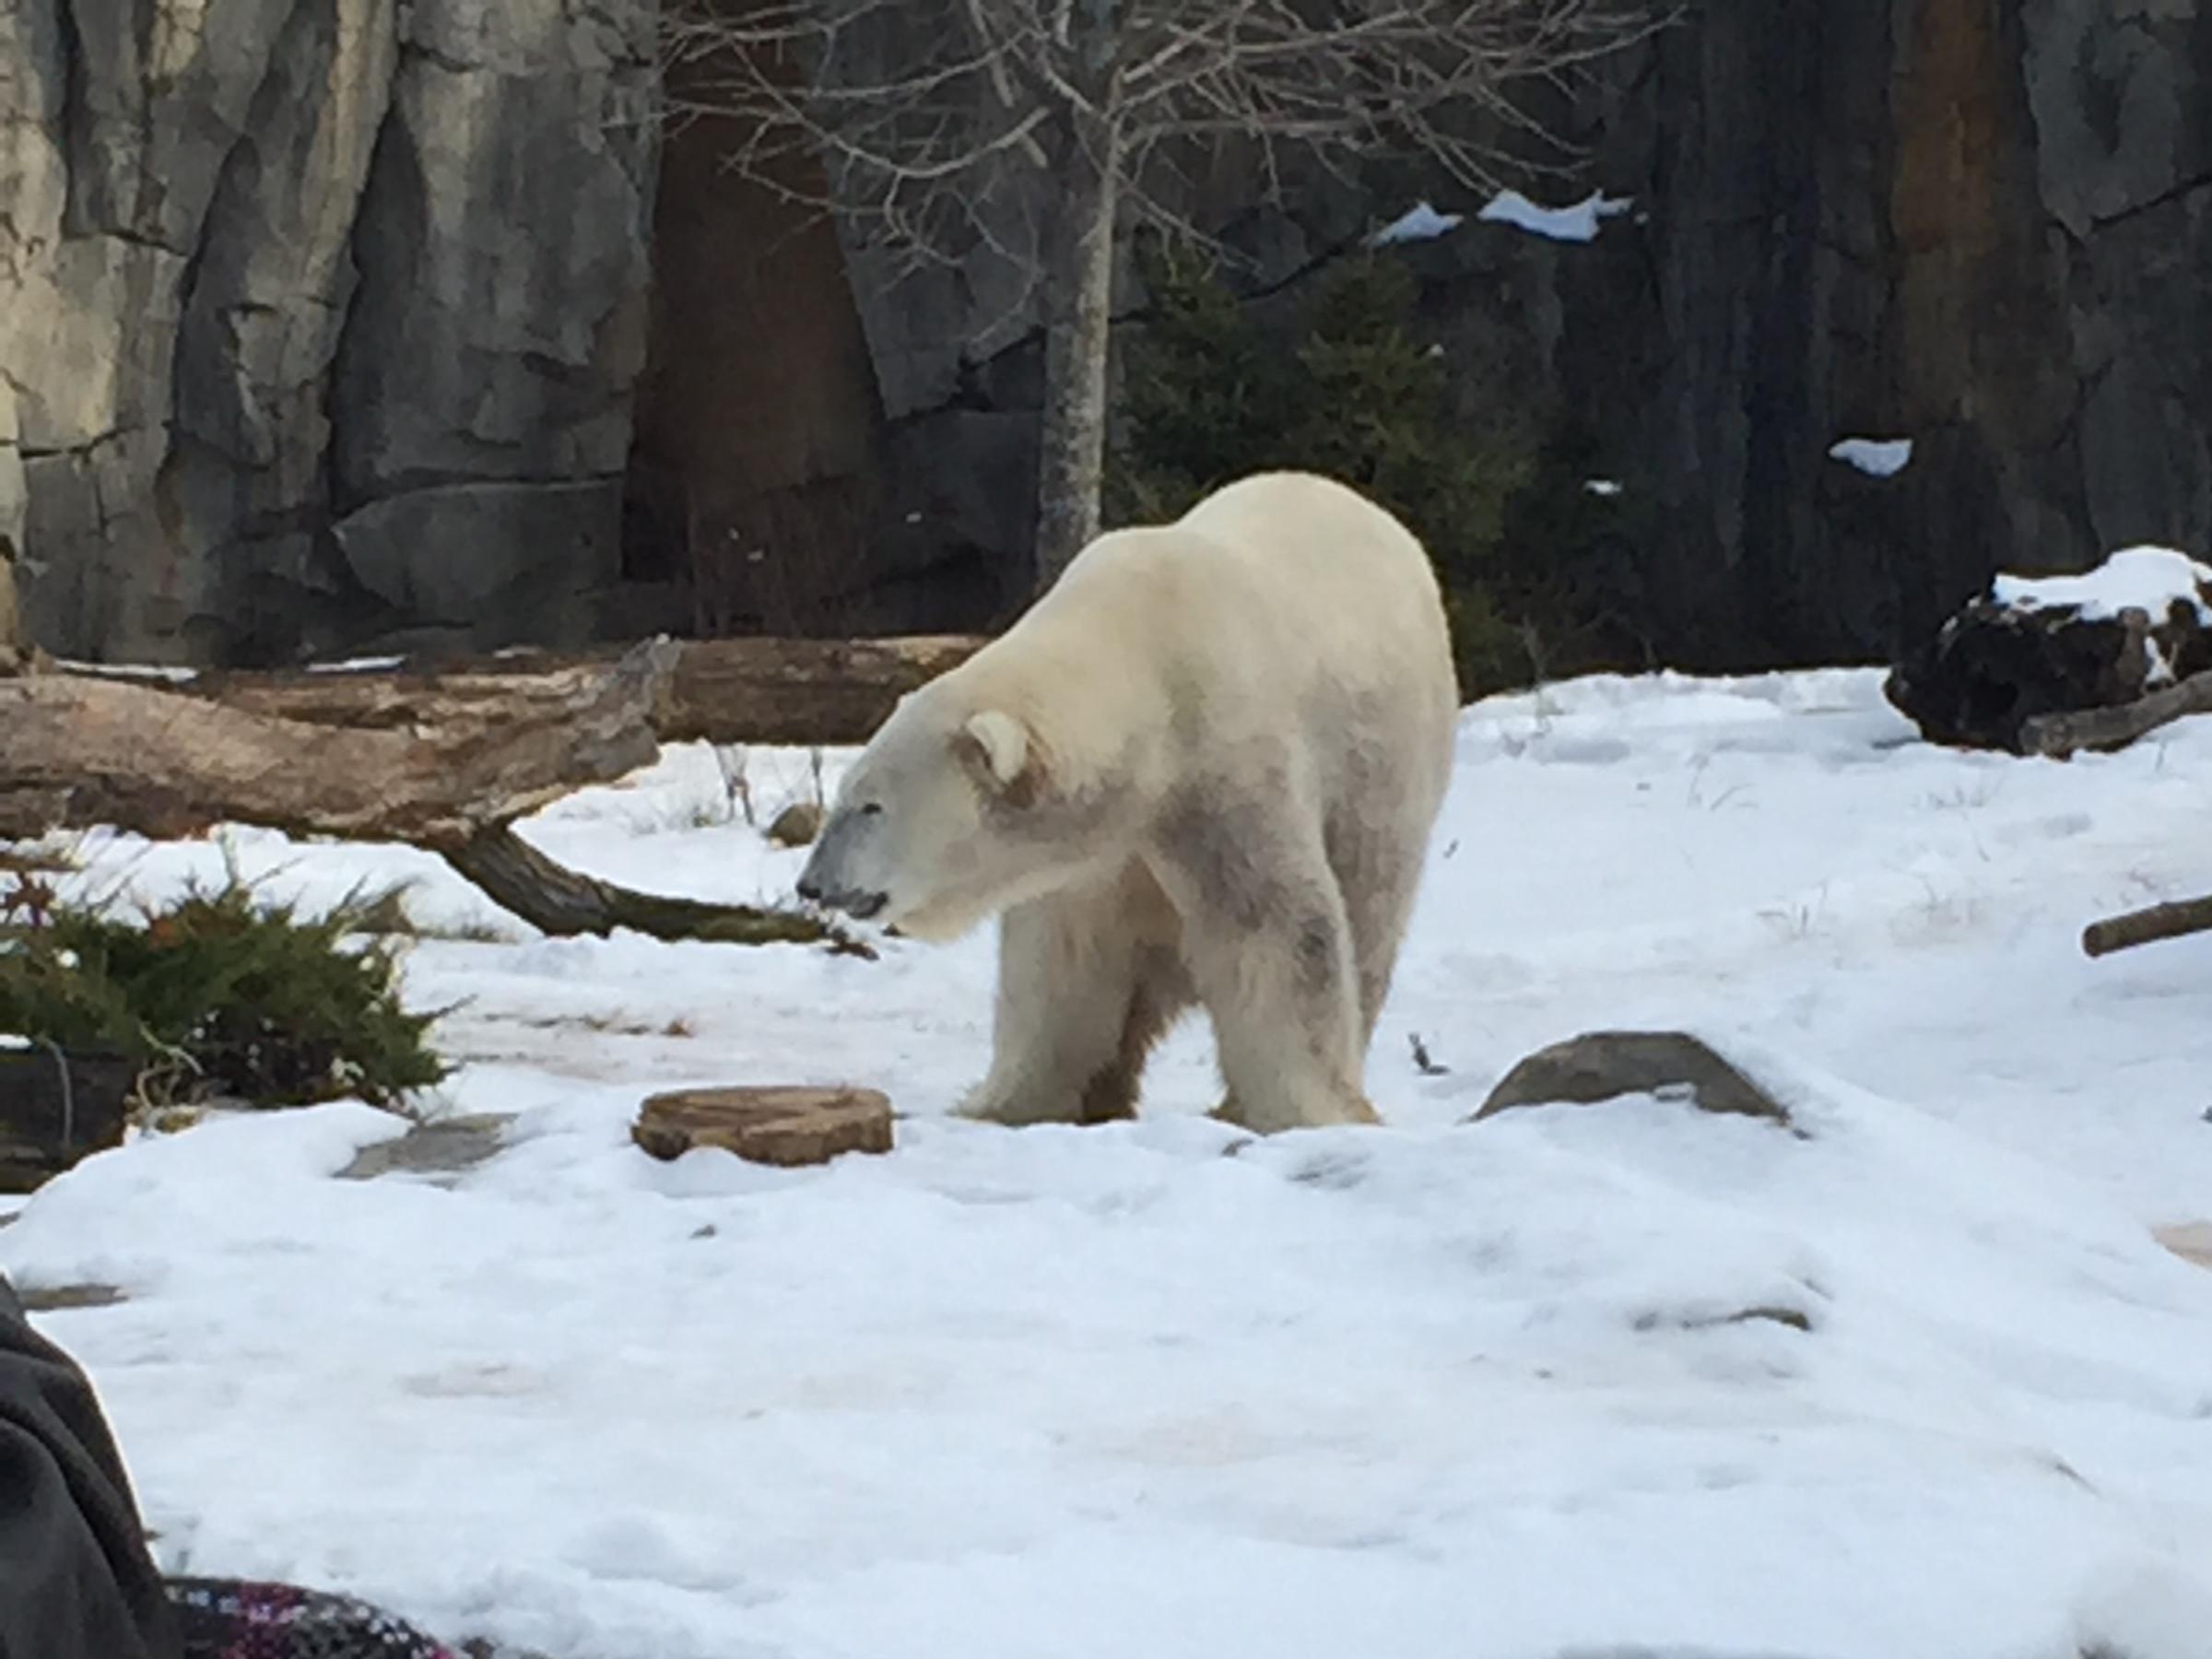 Polar bear at Brookfield Zoo